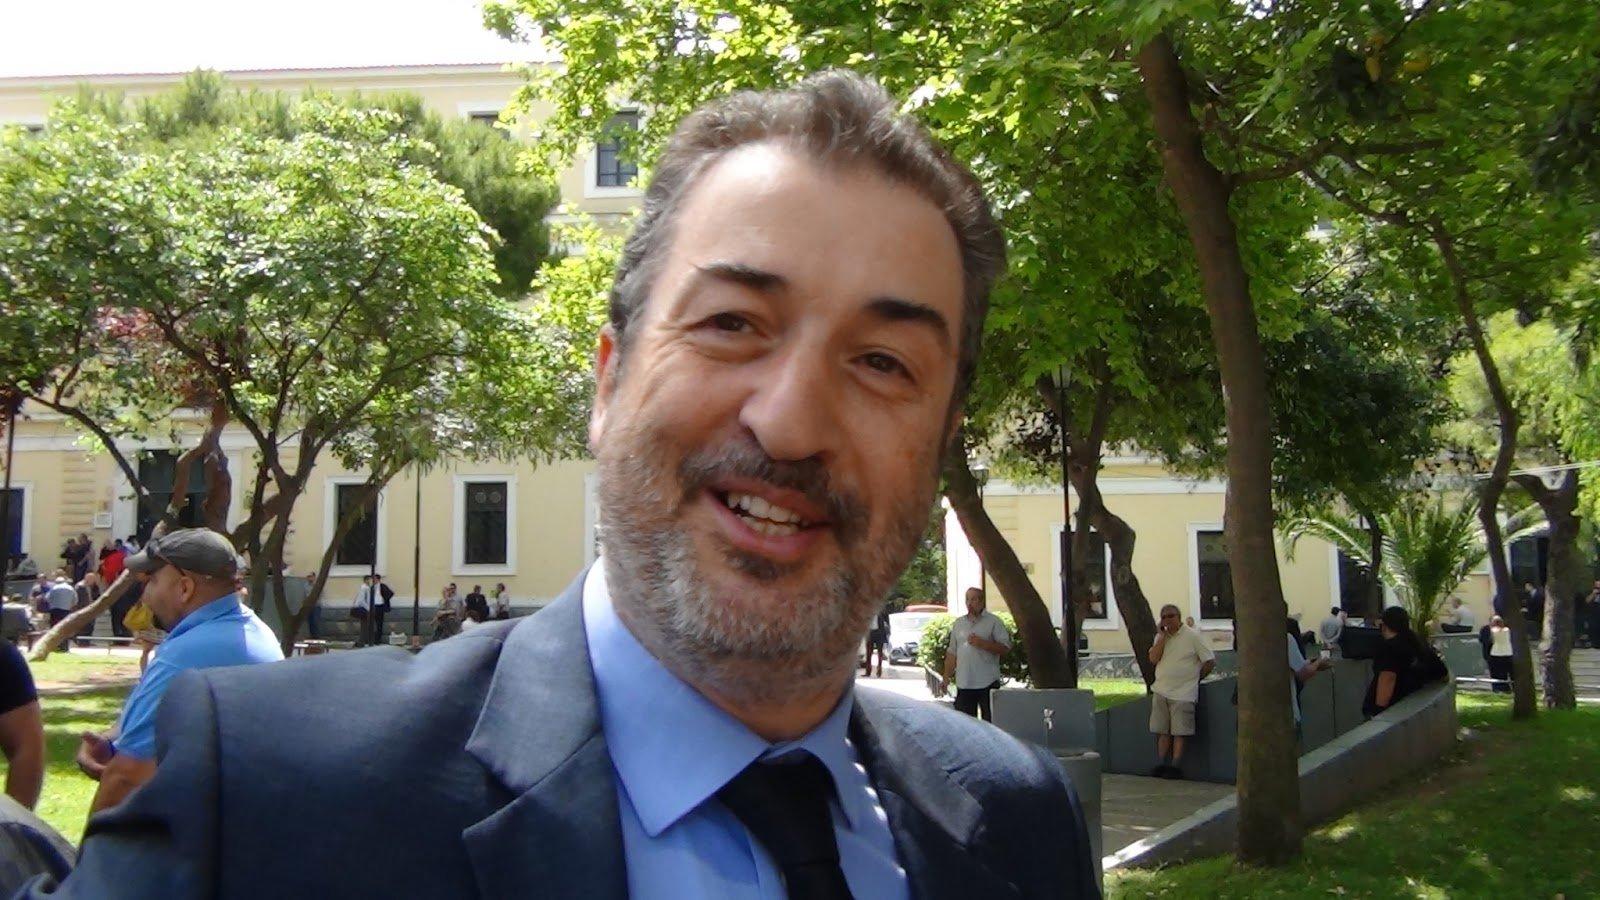 Κ. Παπαδάκης: «Η κυβέρνηση έχει ευθύνες για την υποβάθμιση της δίκης της Χρυσής Αυγής»